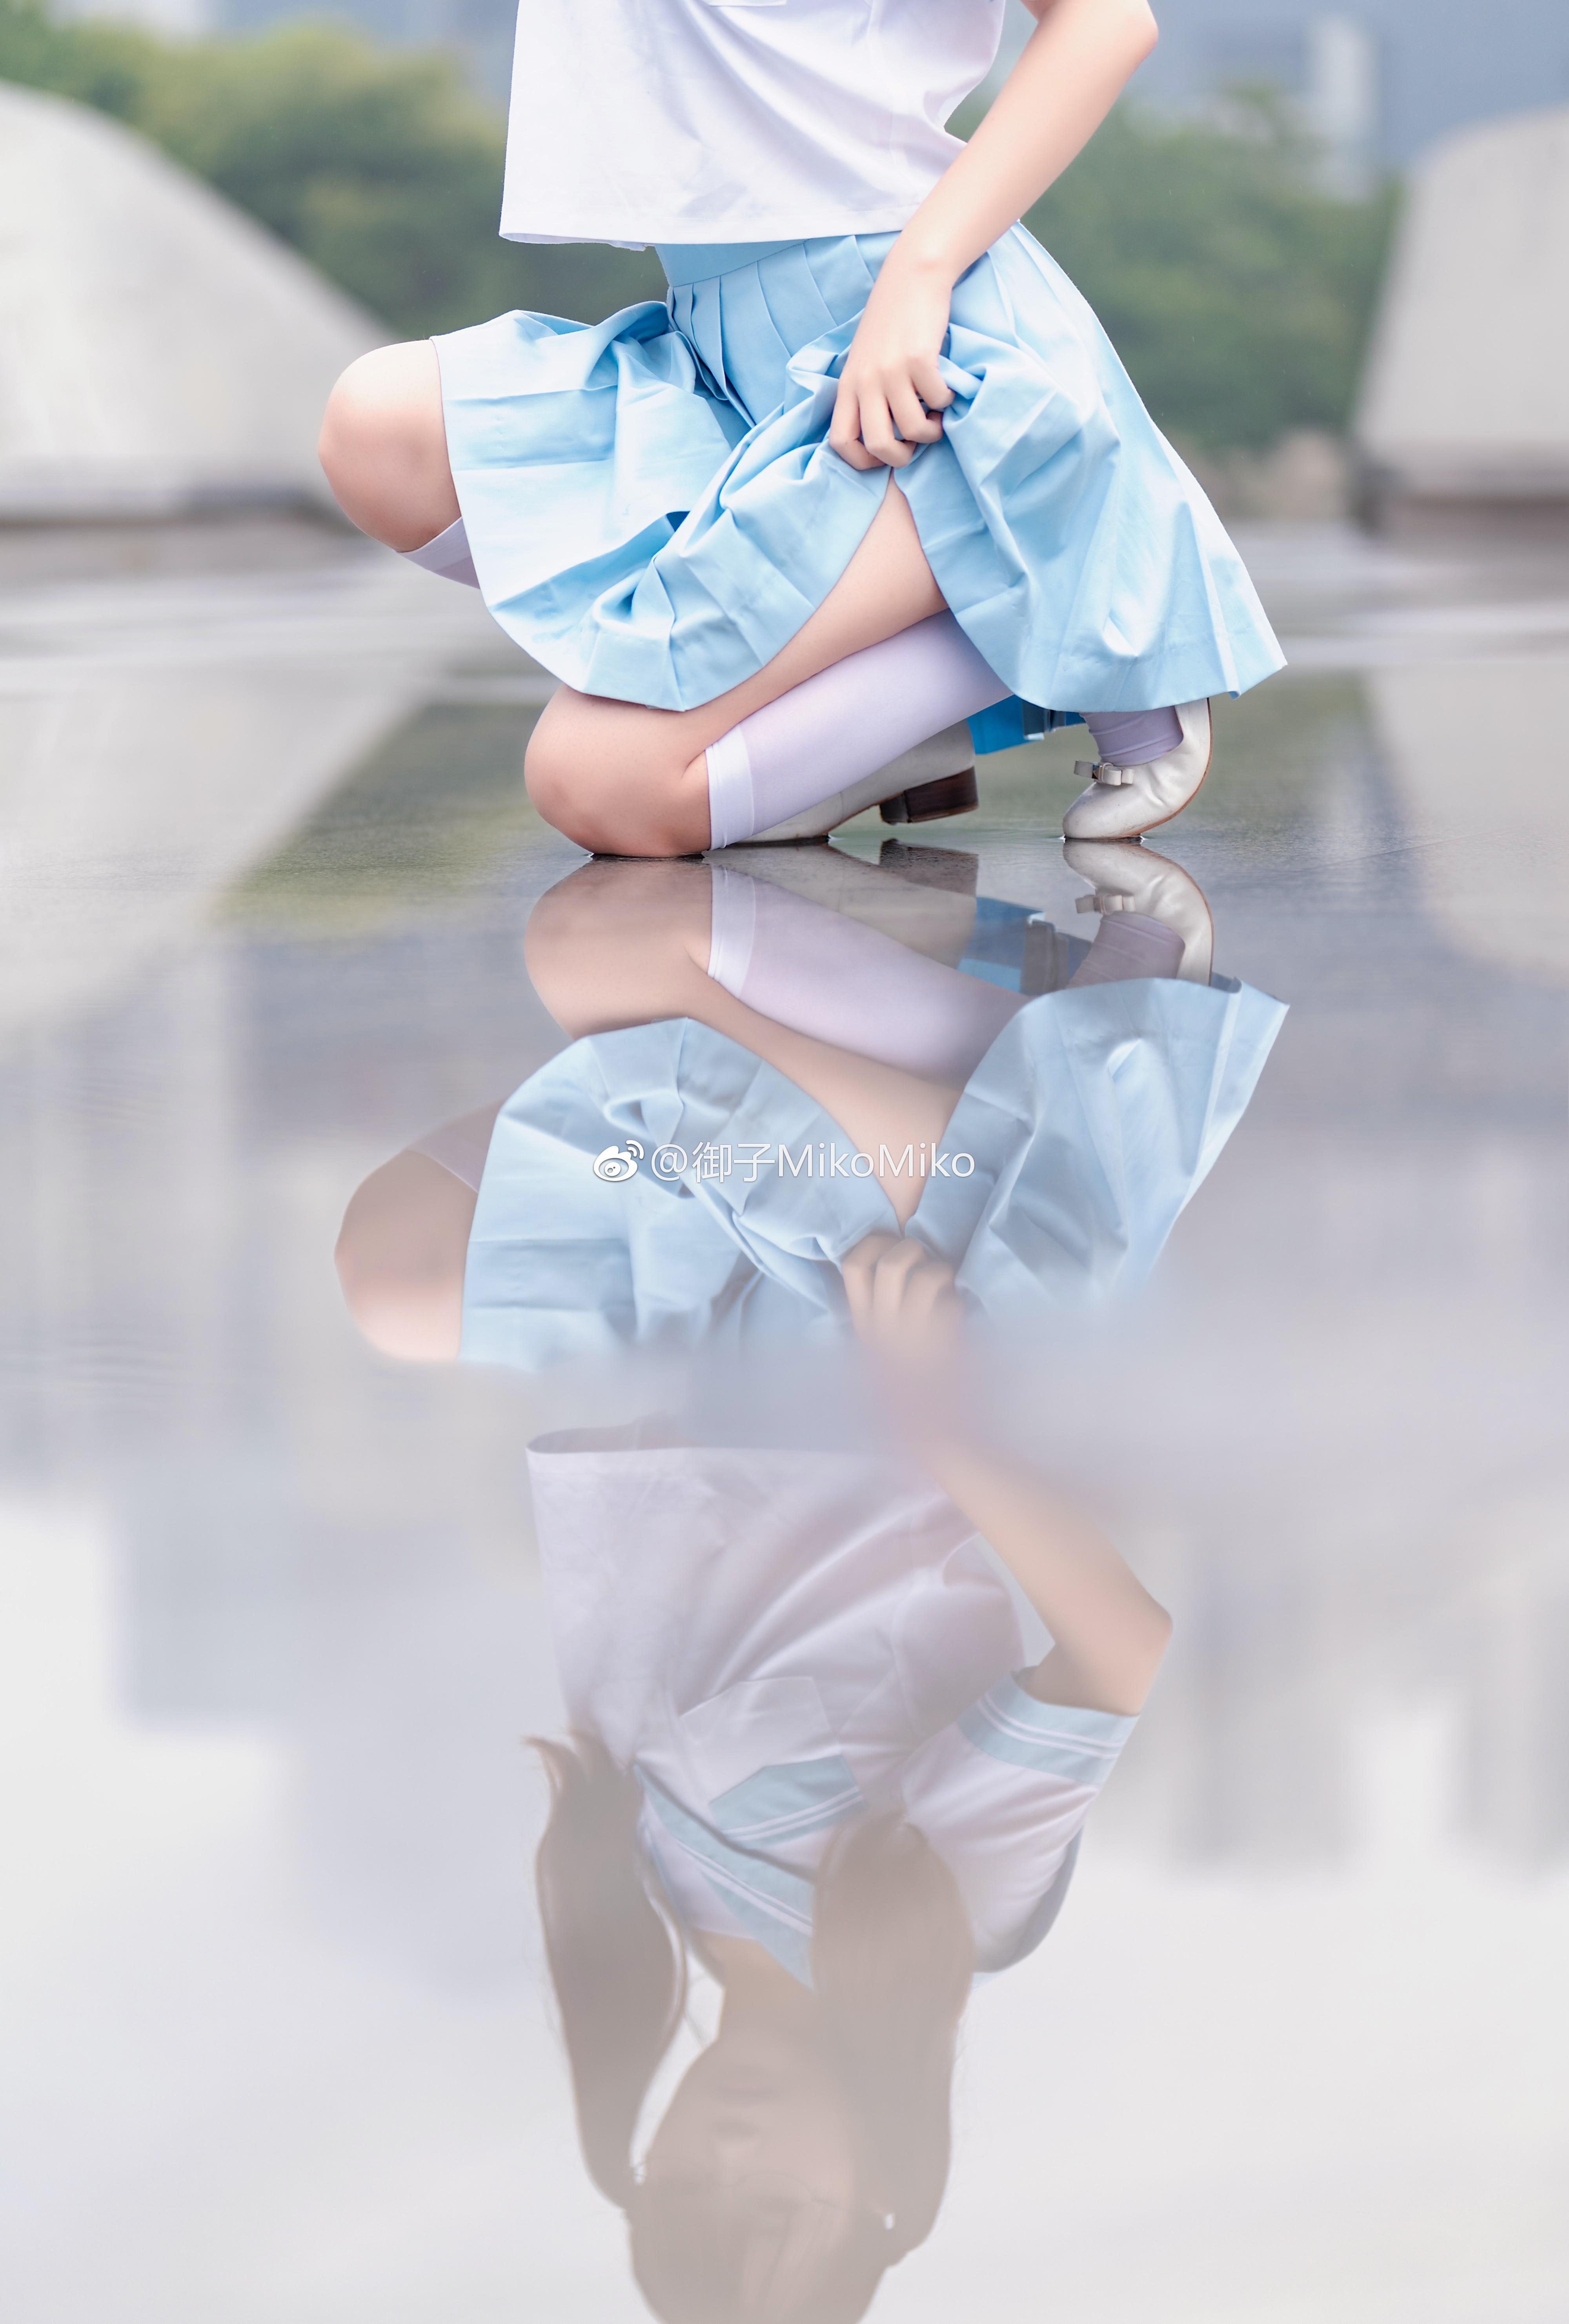 双马尾萌妹子的四万粉制服写真